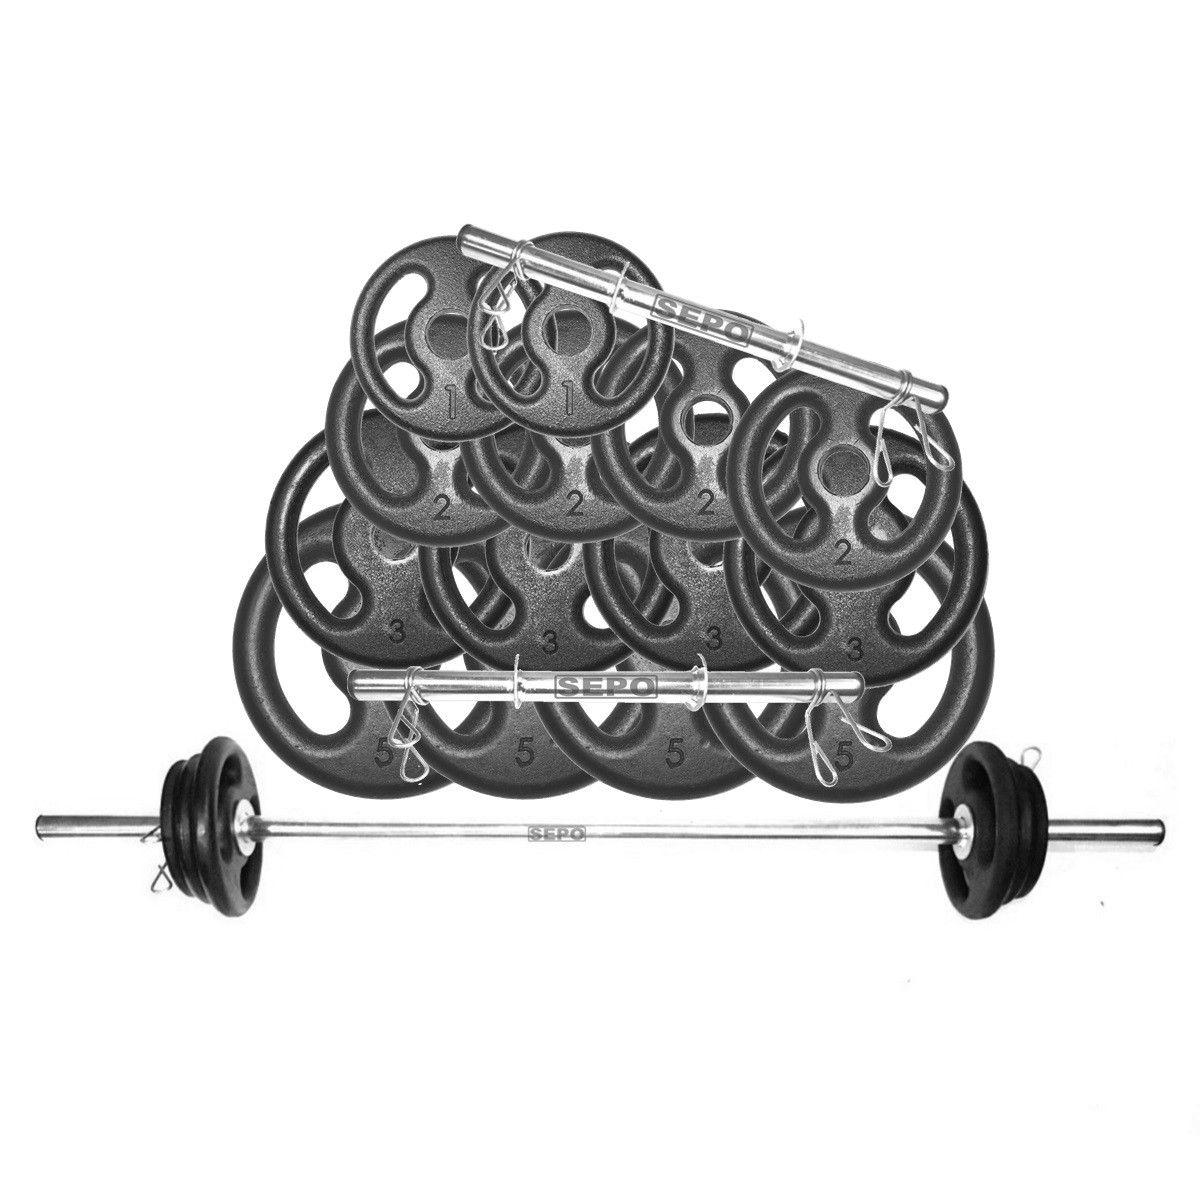 Kit Anilhas Musculação 42 Kg + Barras com Presilhas  - Loja Portal